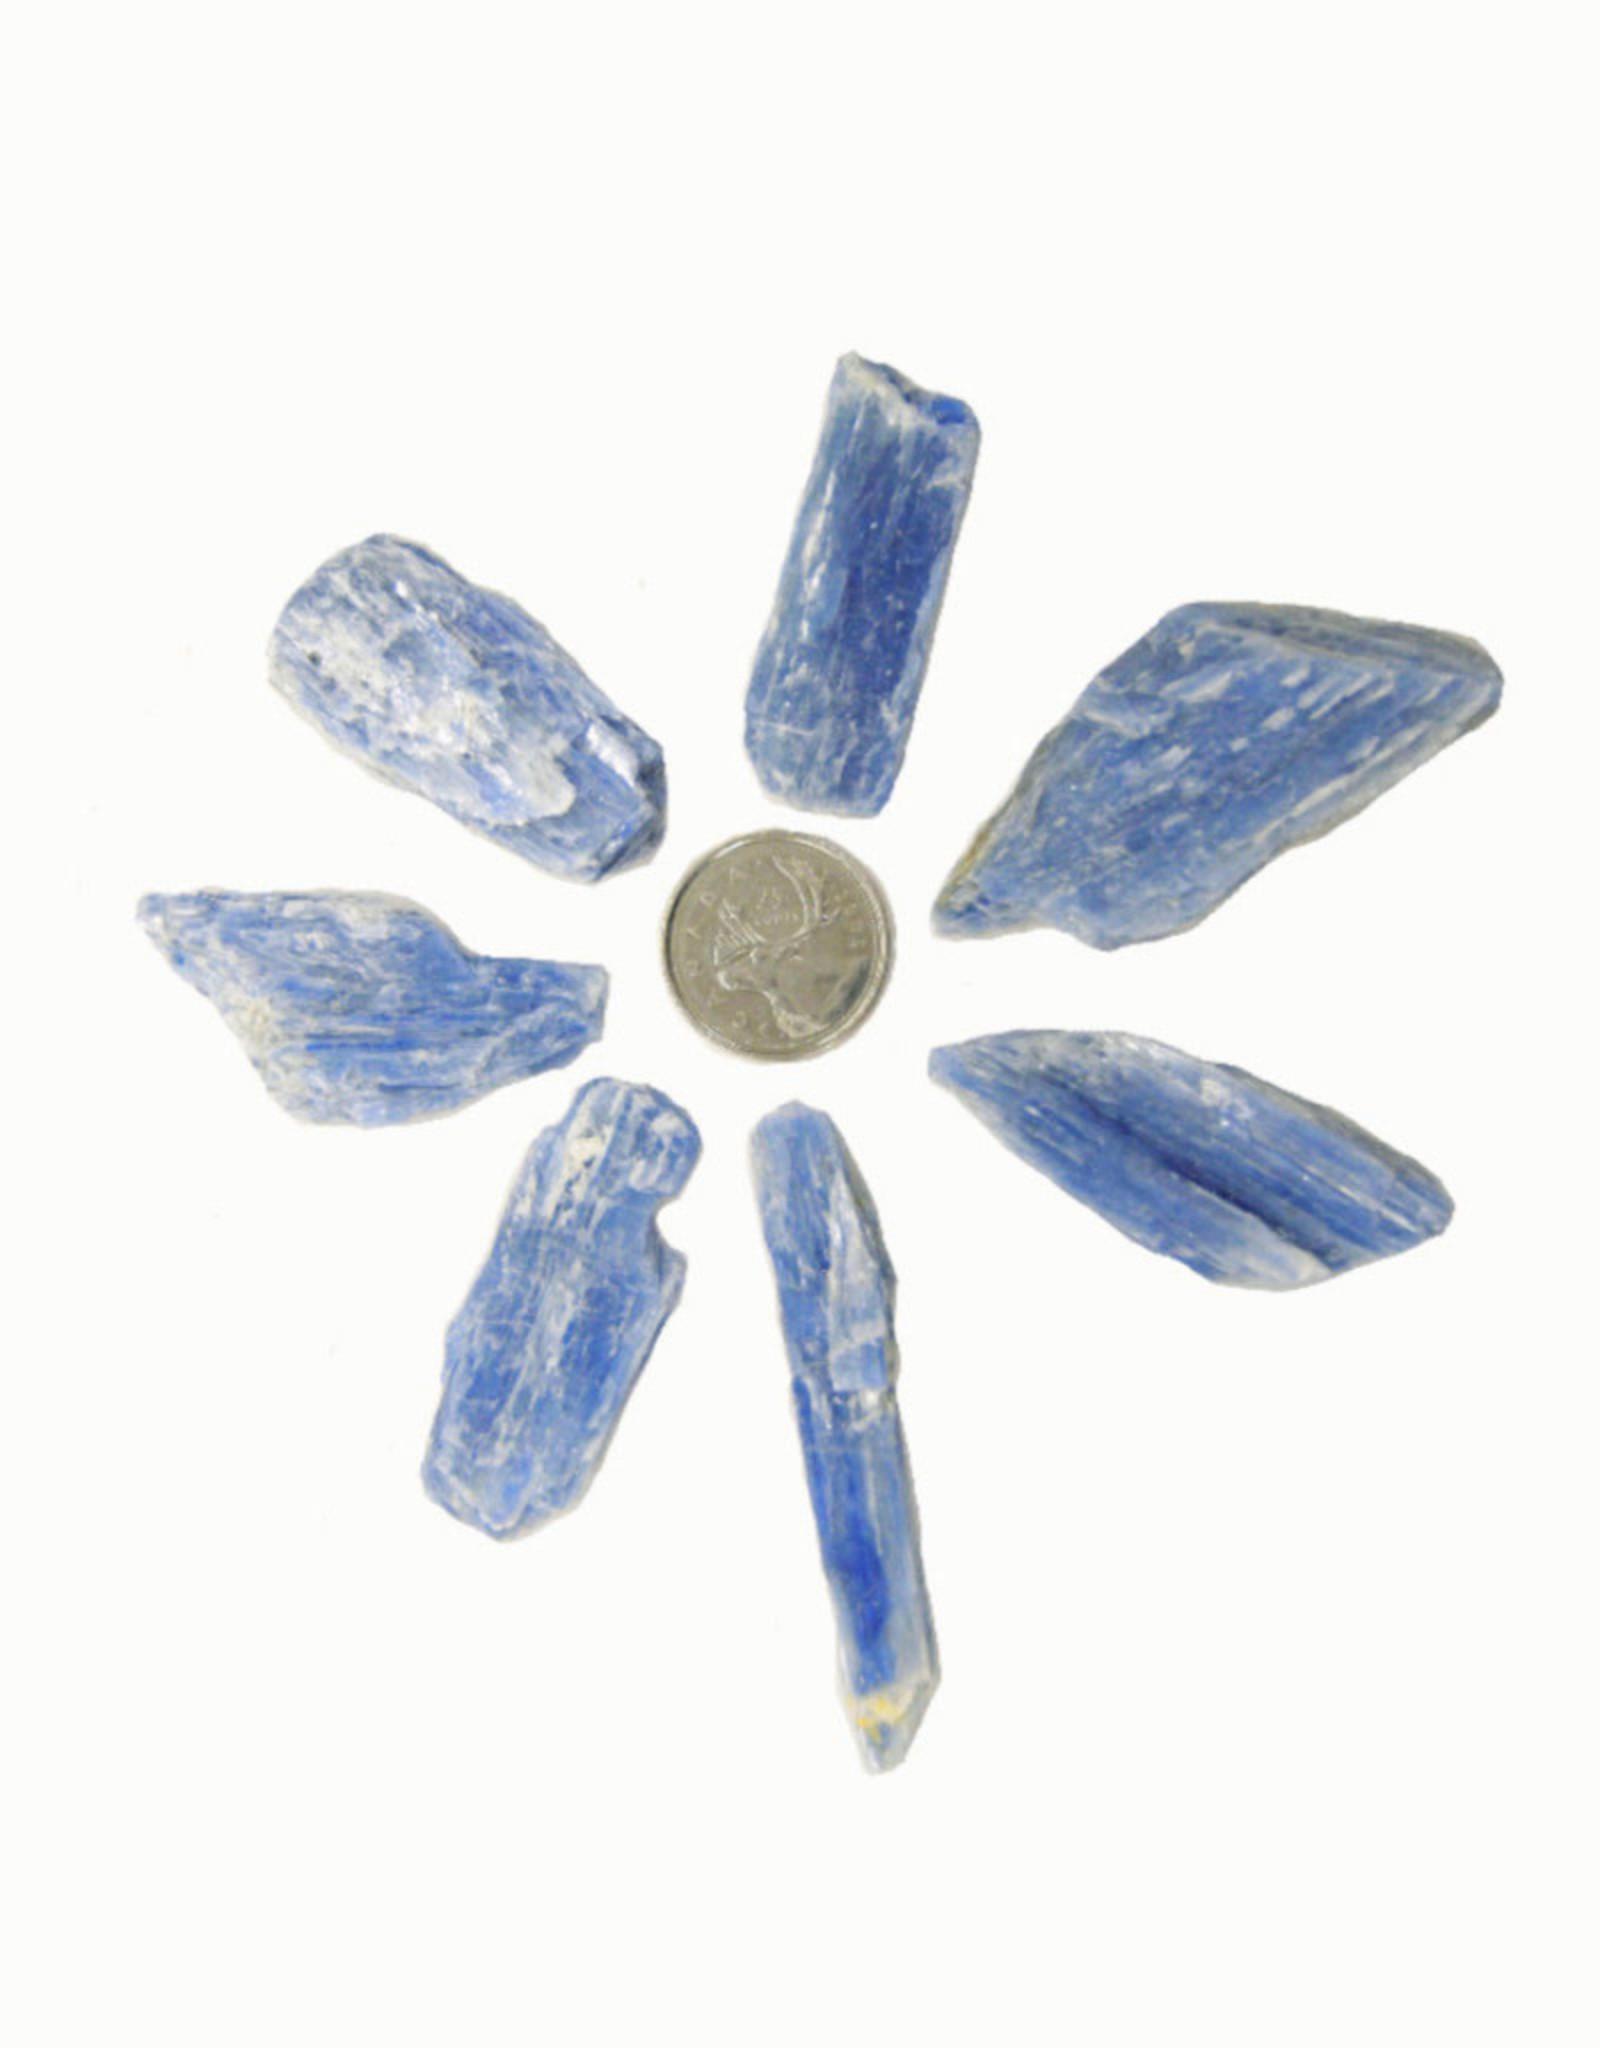 Blue Kyanite Blades Medium $2